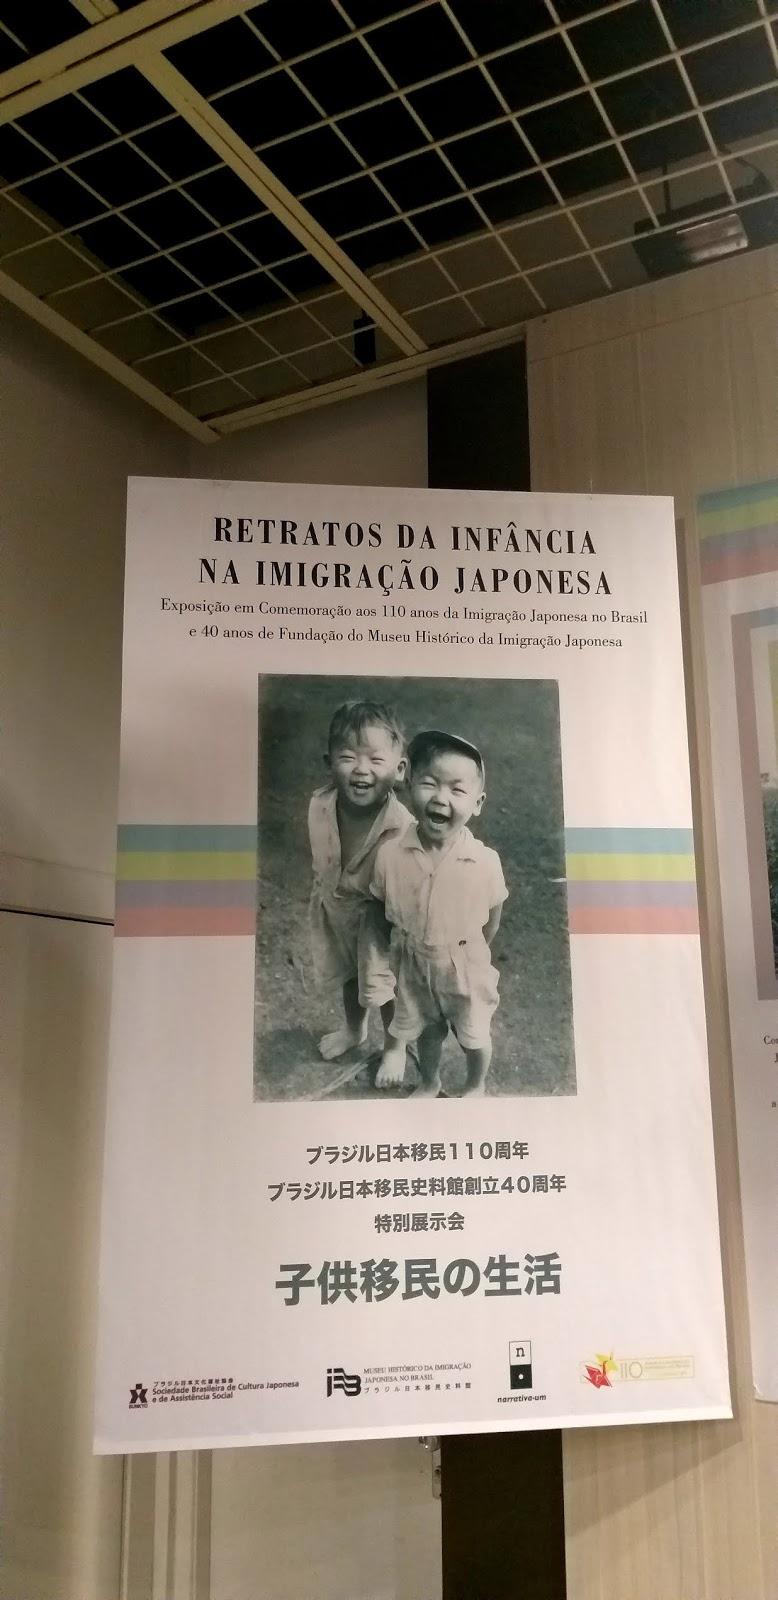 Um belo trabalho que conta a história da imigração japonesa no Brasil